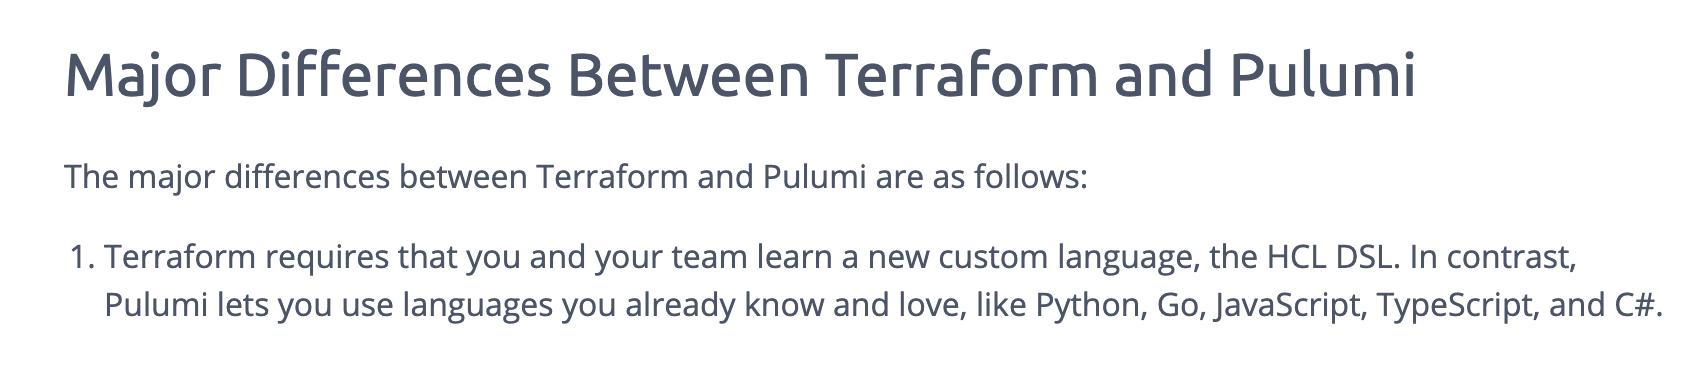 Terraform vs Pulumi